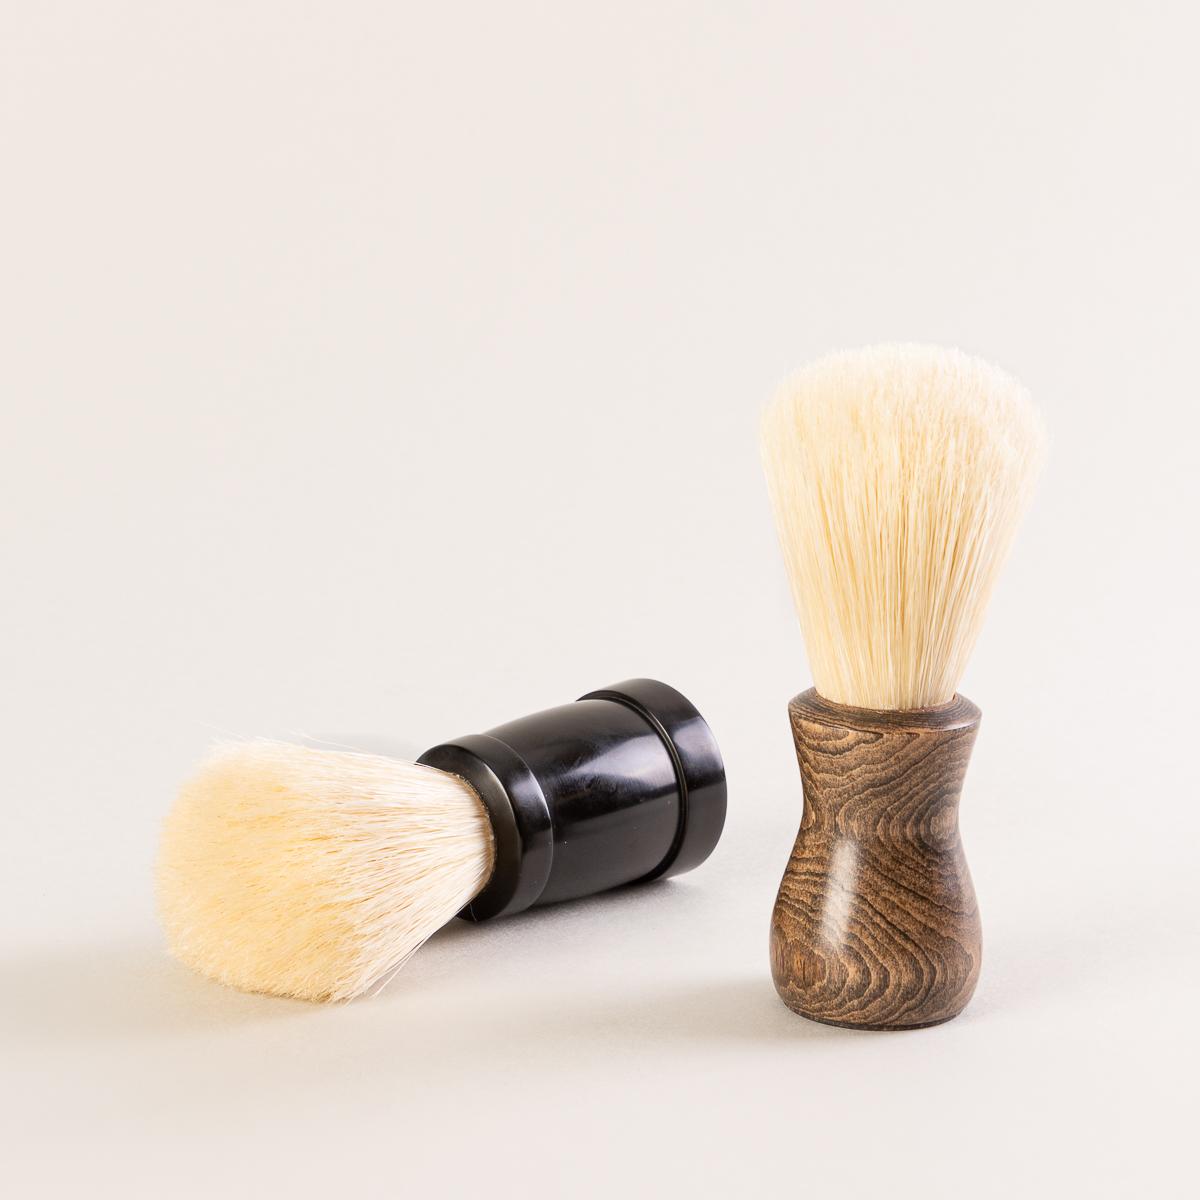 2 modèles de blaireaux pour la barbe fait à la main par l'artiste québécois Attila Hrubos